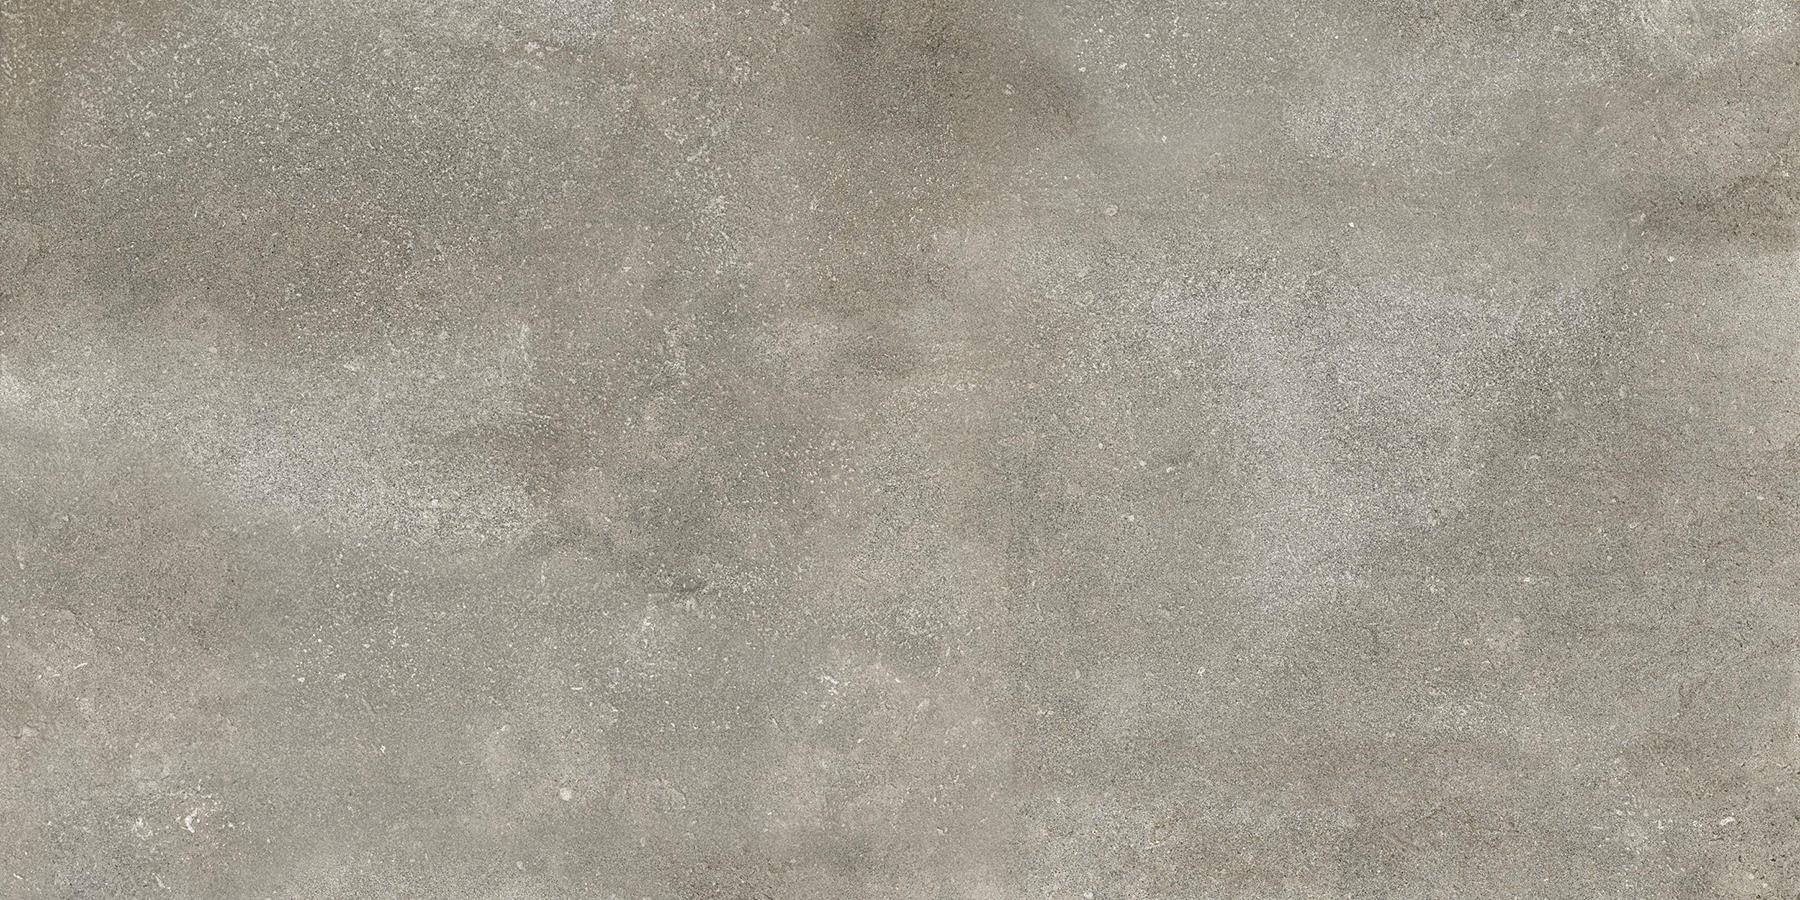 DEL CONCA Anversa HAV209 scav09 Terrassenplatte 60x120 matt